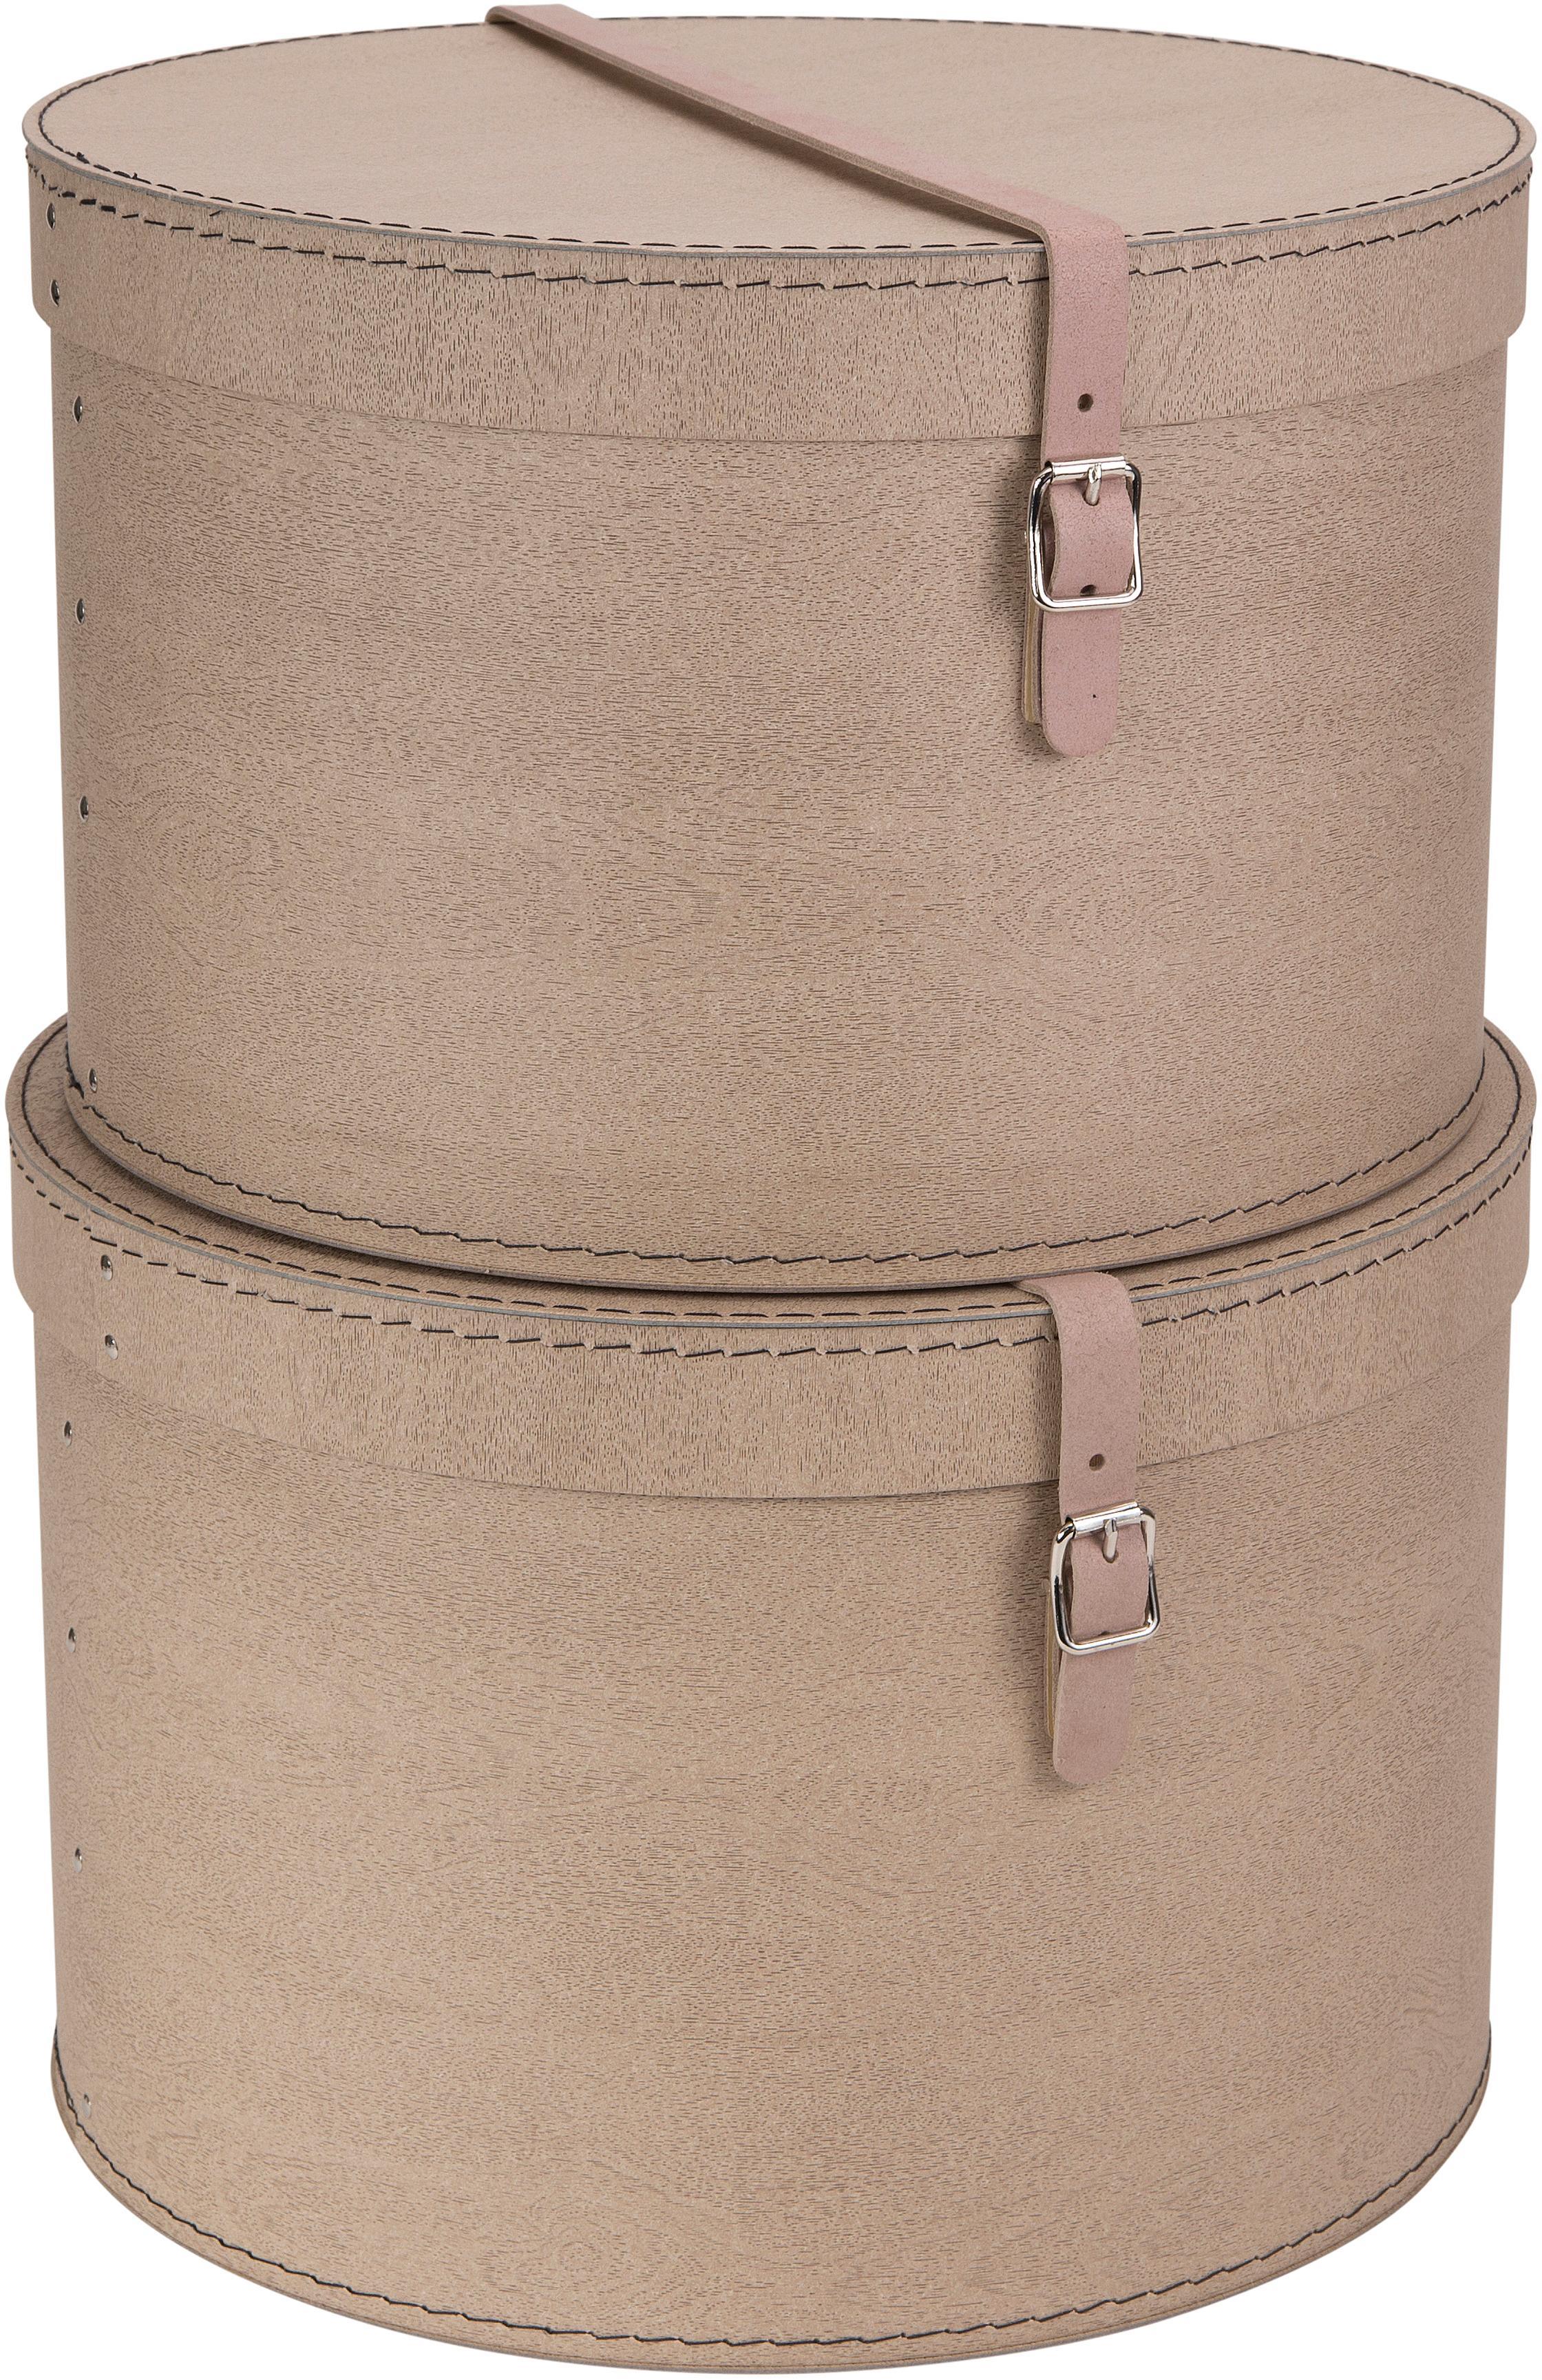 Set de cajas Rut, 2pzas., Caja: cartón sólido, con estamp, Asa: cuero, metal, Exterior: beige Interior: negro Asa: beige, Tamaños diferentes